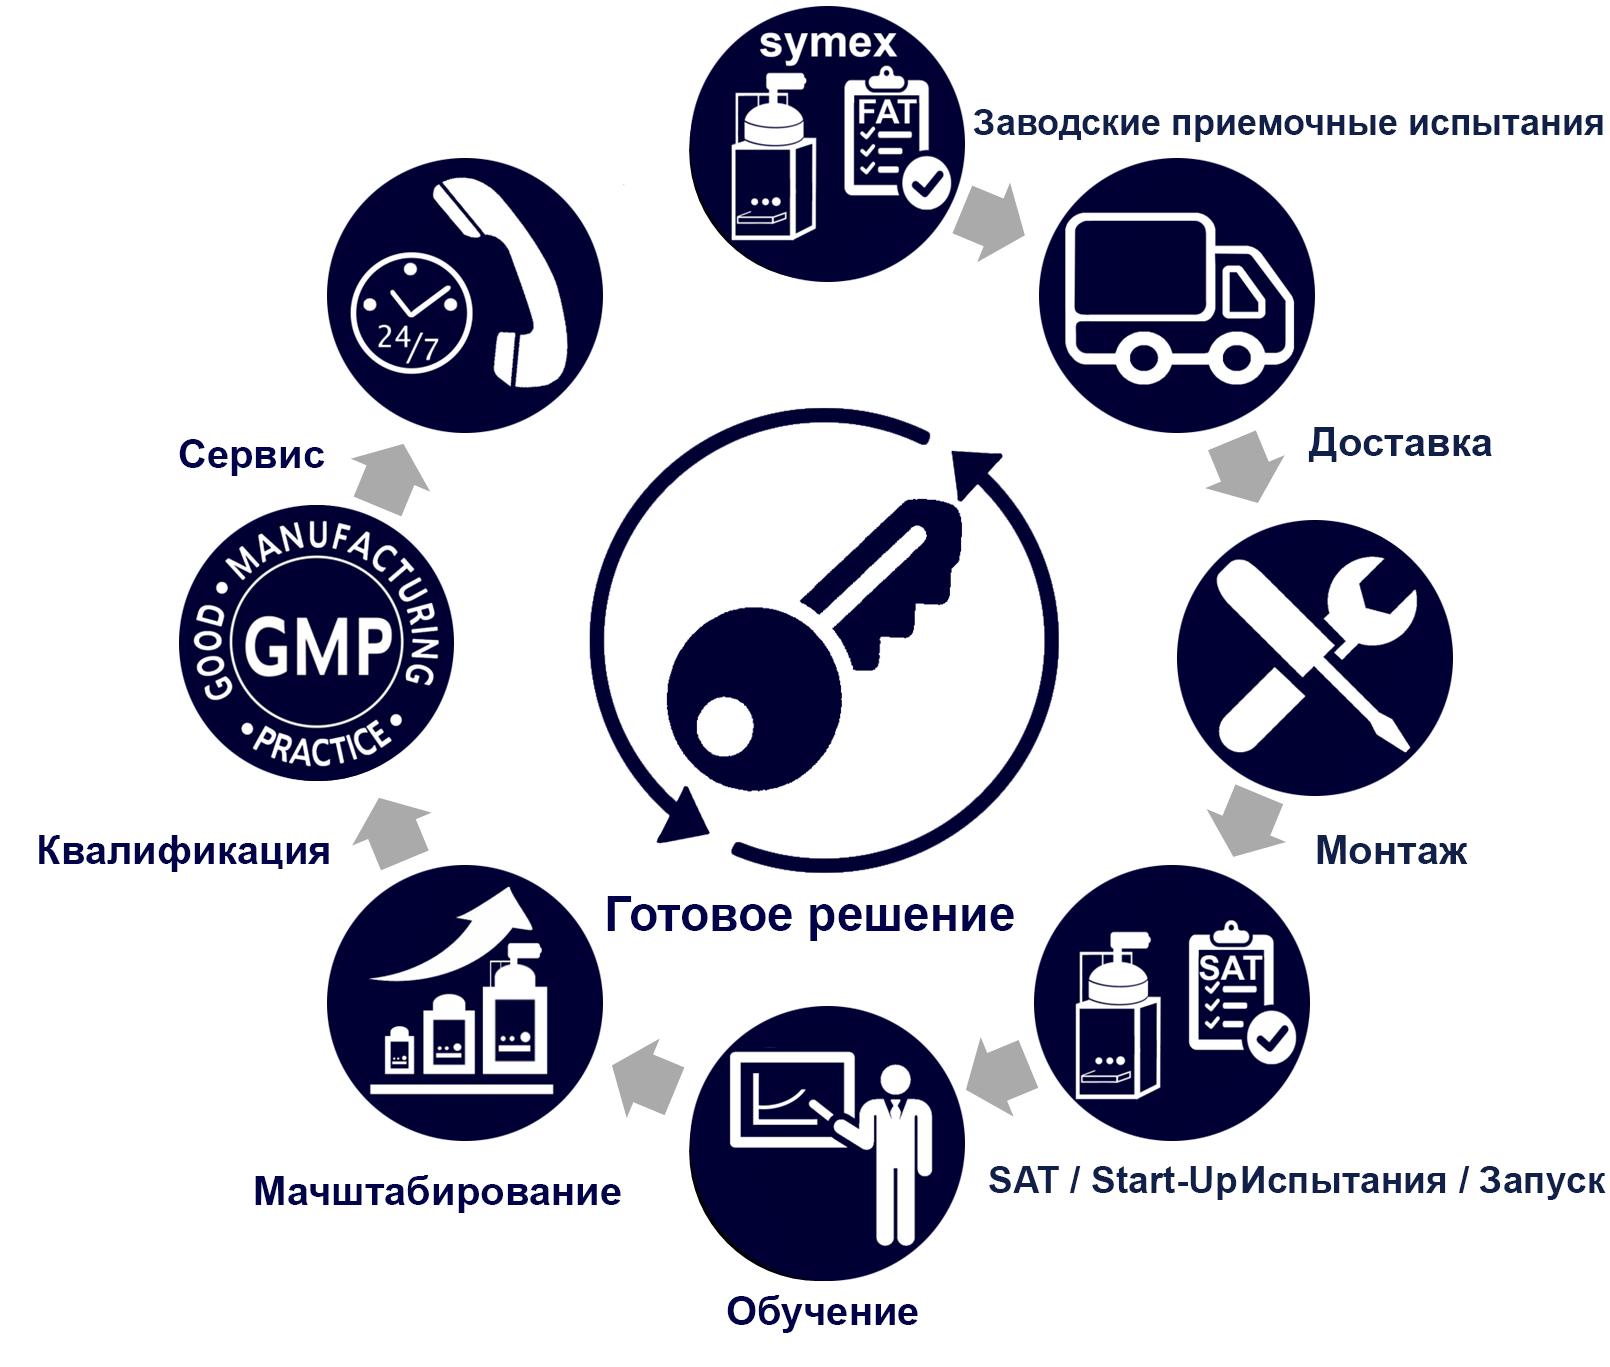 Gesamtkonzept ru - Der symex Vorteil